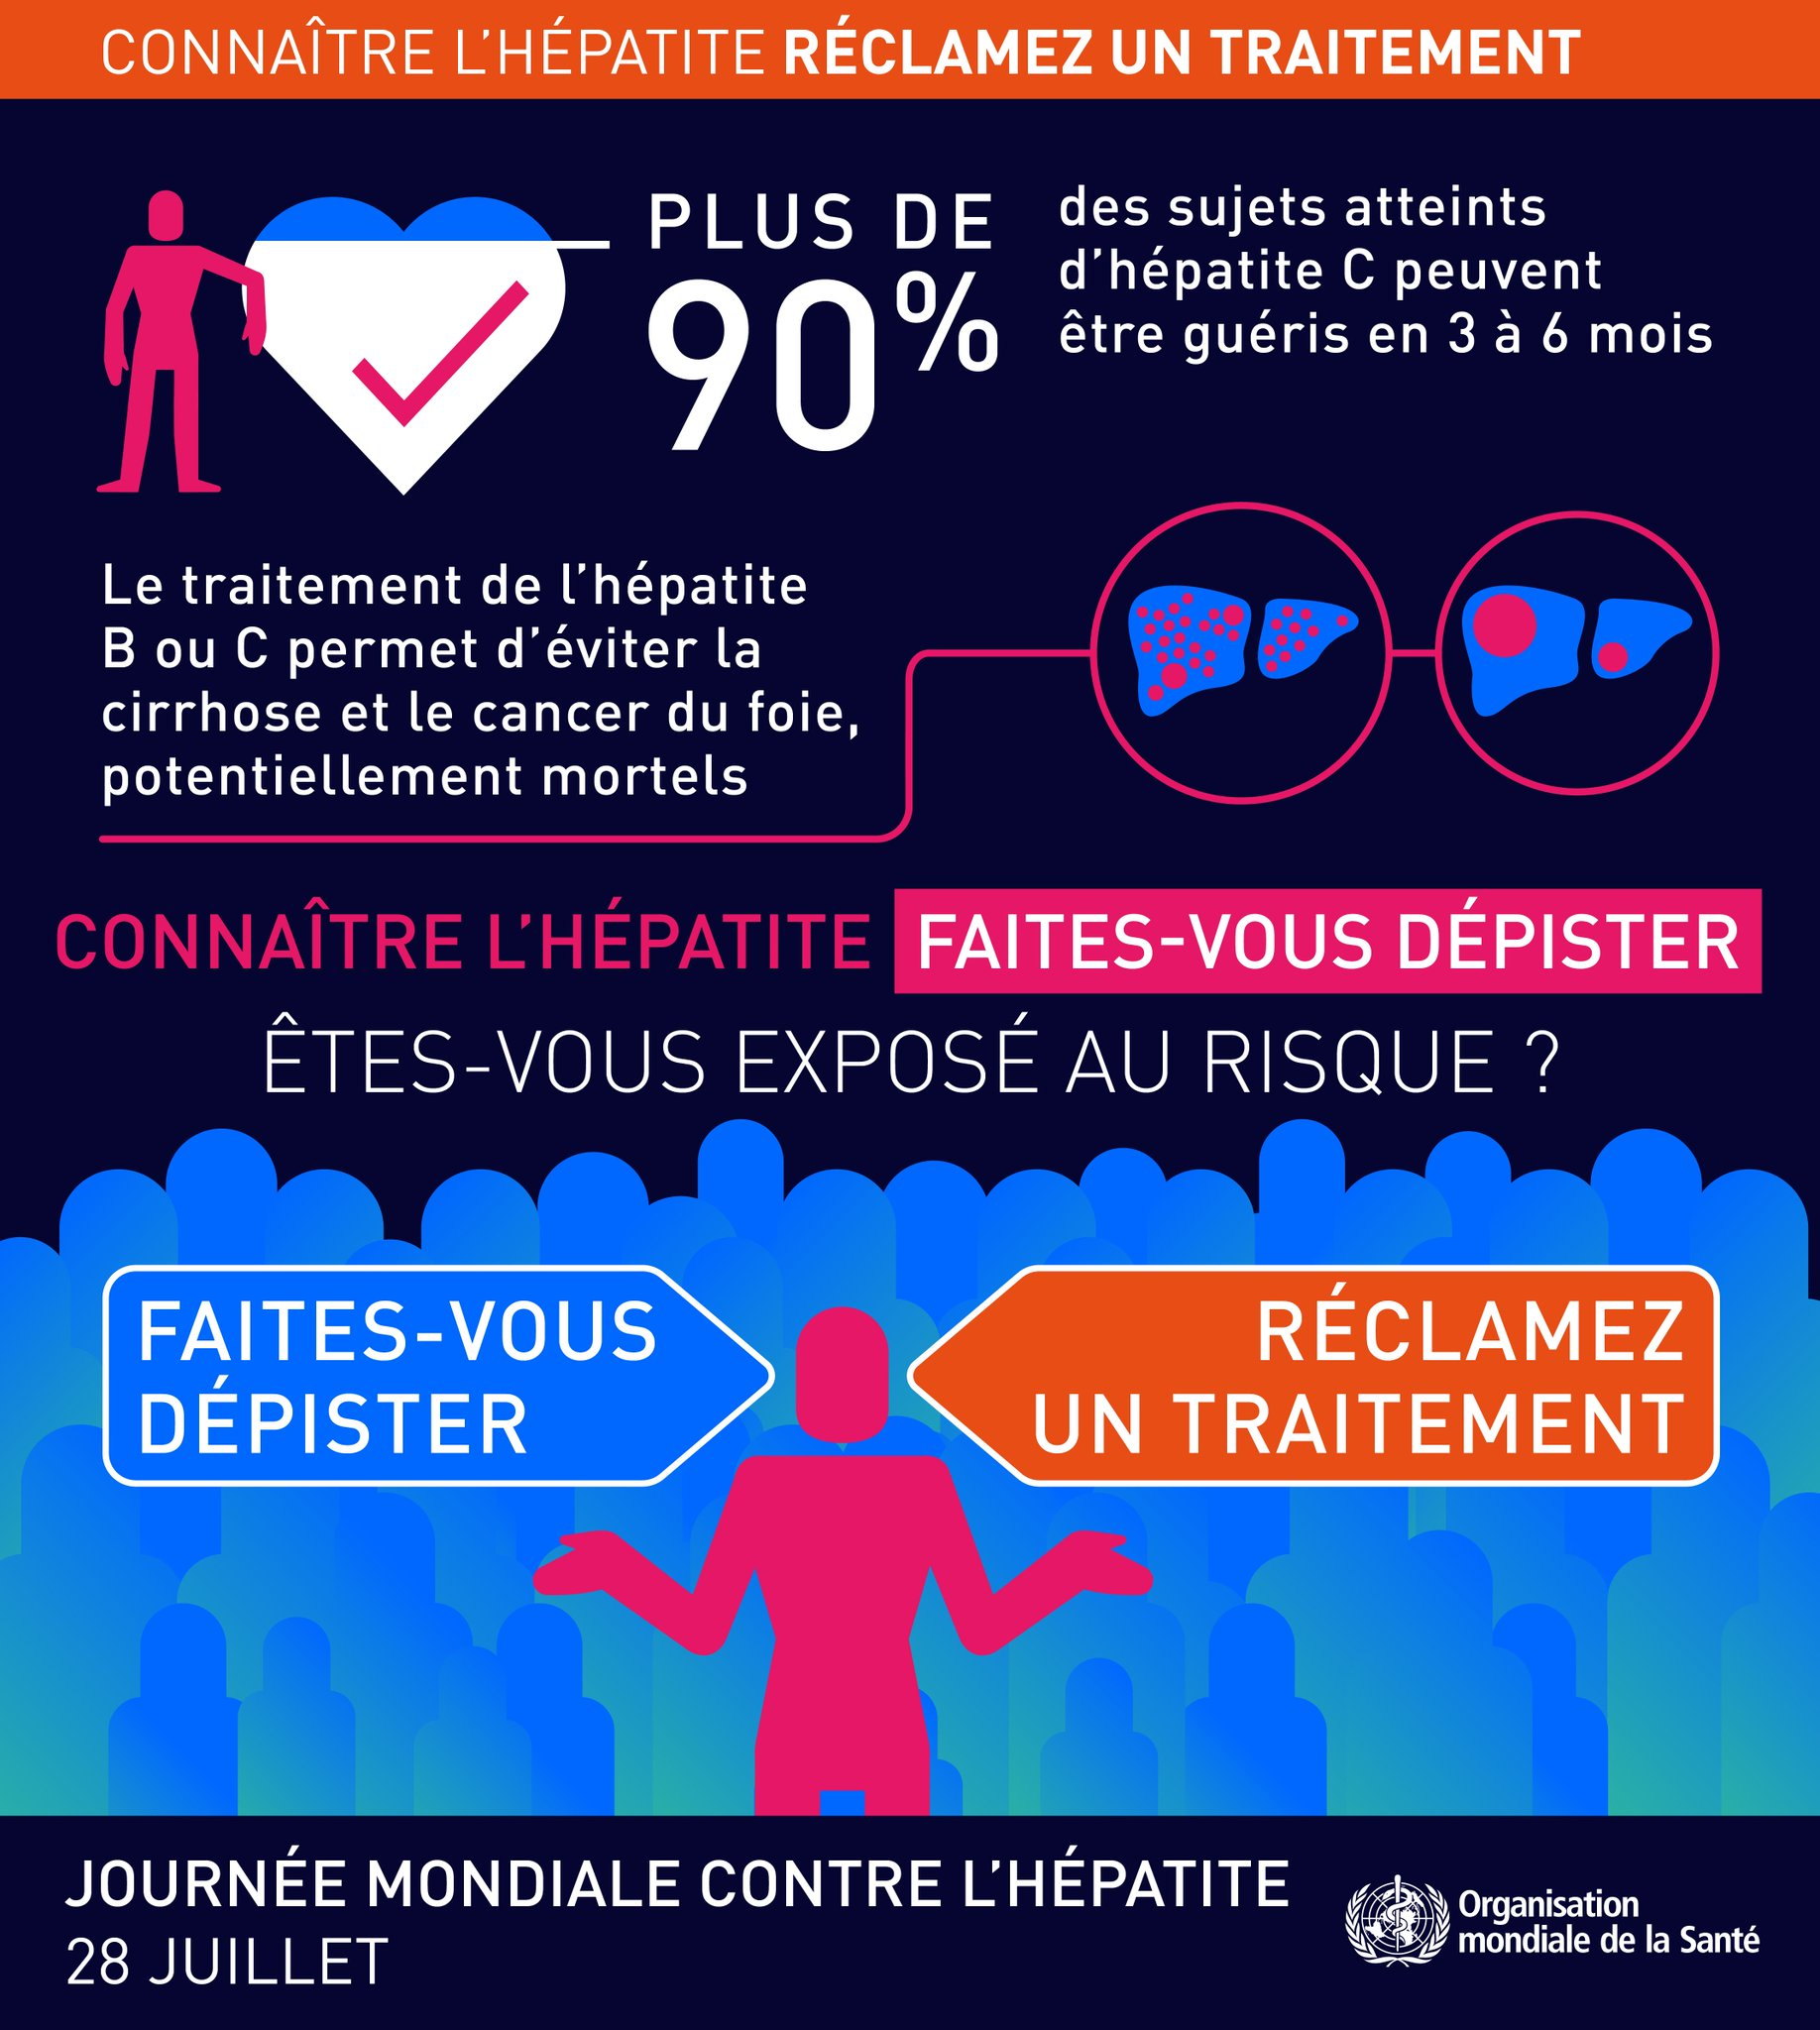 La #prévention et les #traitements sont la clé de l'élimination de l'#hépatite virale. #NOhep #WorldHepDay #Vaccins https://t.co/YoElSYcWjK